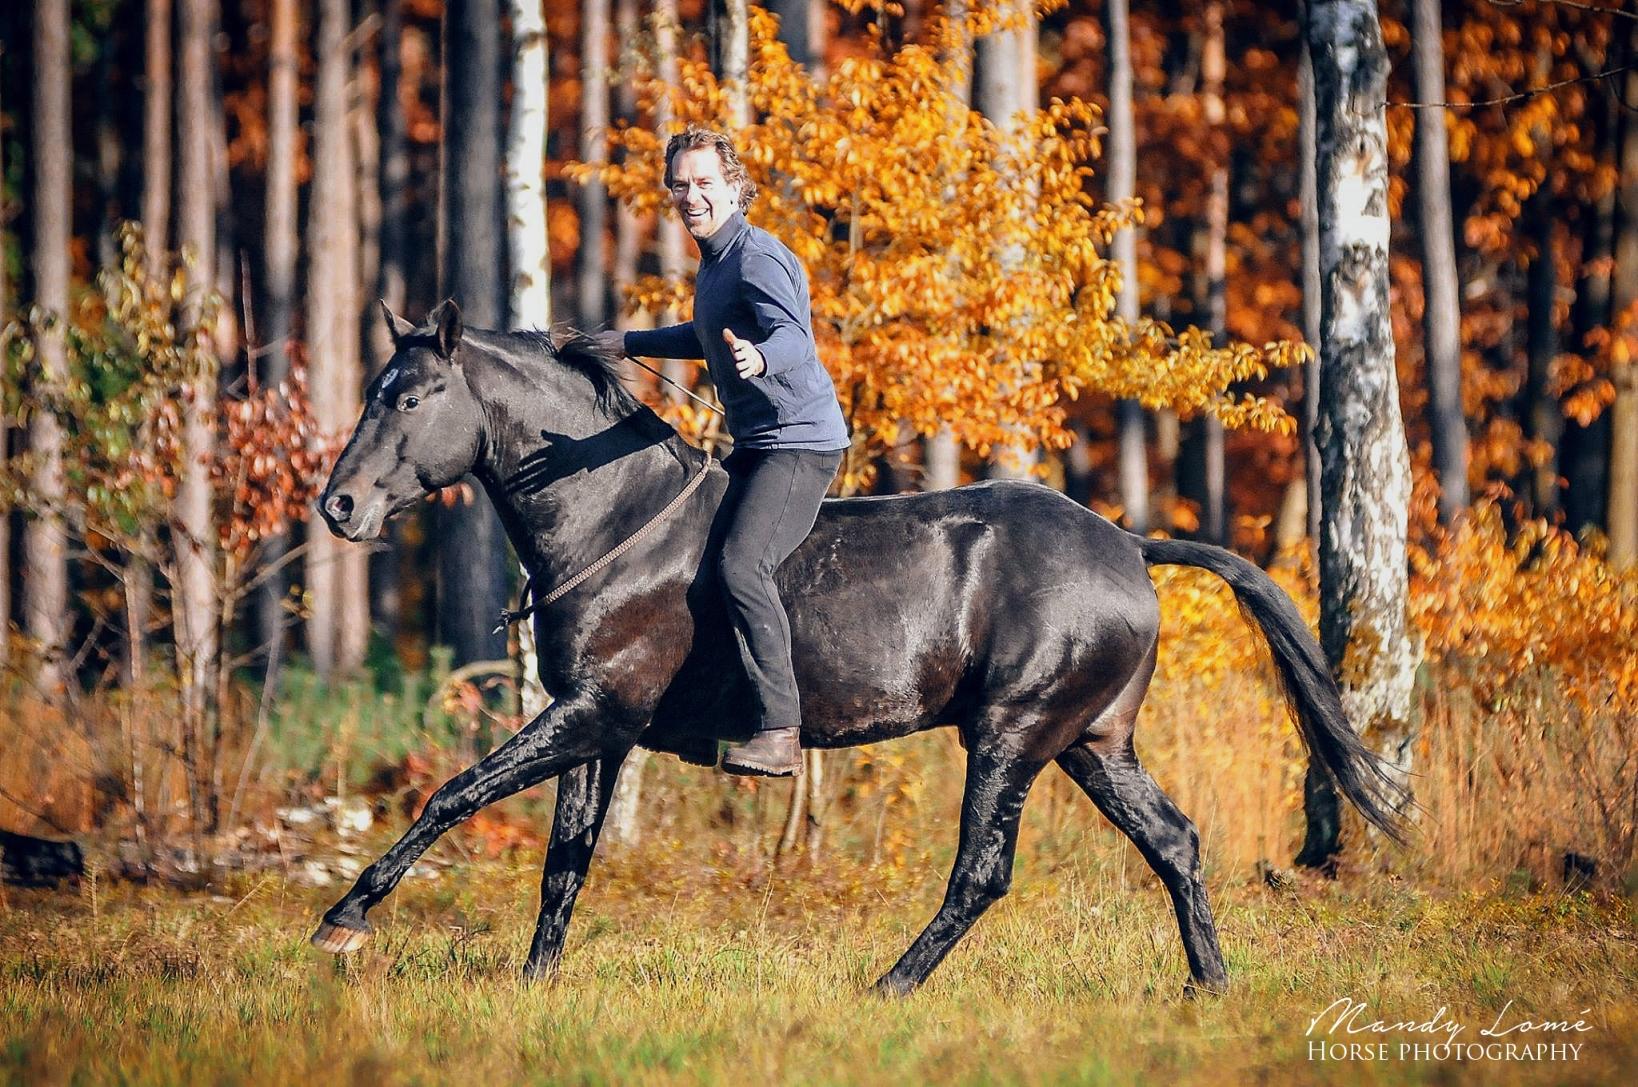 Liberty-Reiten mit Halsring auf Pasjo. Auch im Gelände ist sicheres Reiten mit Halsring möglich, wenn das Pferd gut ausgebildet ist und gegenseitiges Vertrauen zwischen Reiter und Pferd besteht, 2015© Mandy Lomé